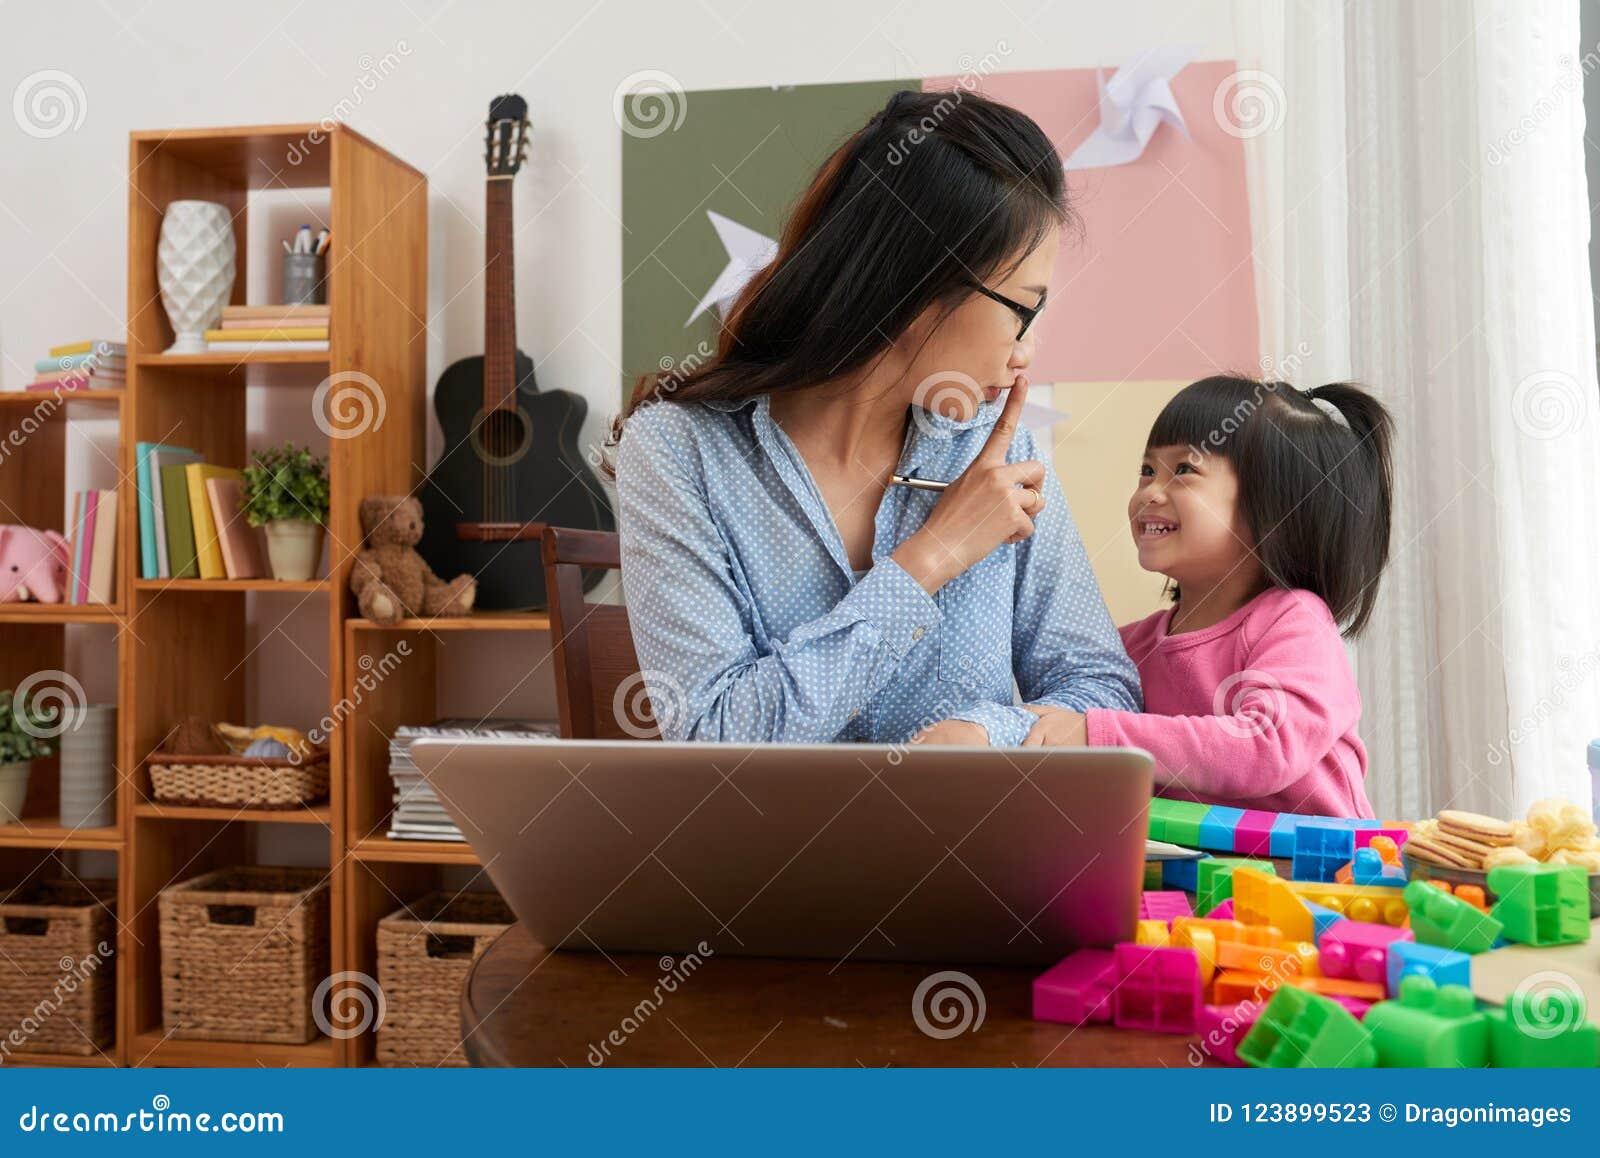 Berufstätige Frau mit spielerischem Mädchen zu Hause